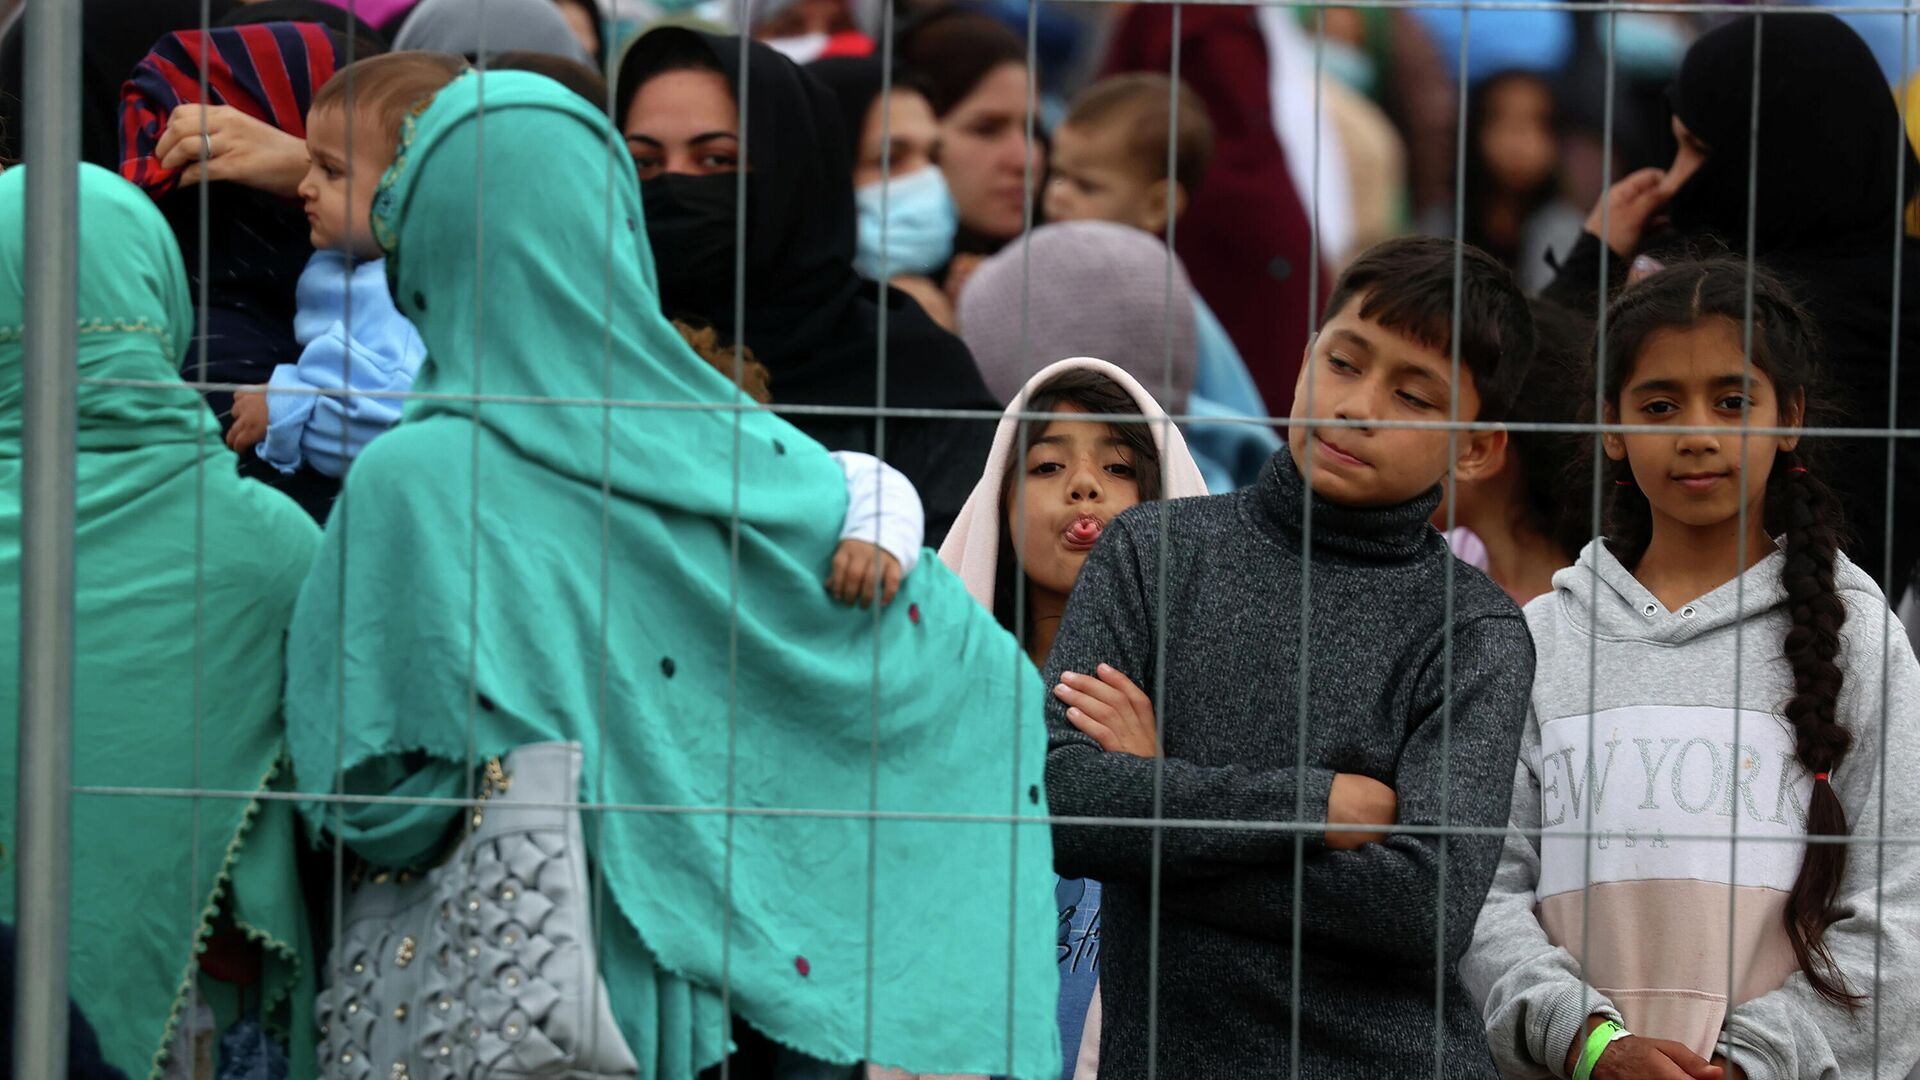 Беженцы из Афганистана, эвакуированные в город Кайзерслаутерн, Германия  - РИА Новости, 1920, 03.09.2021